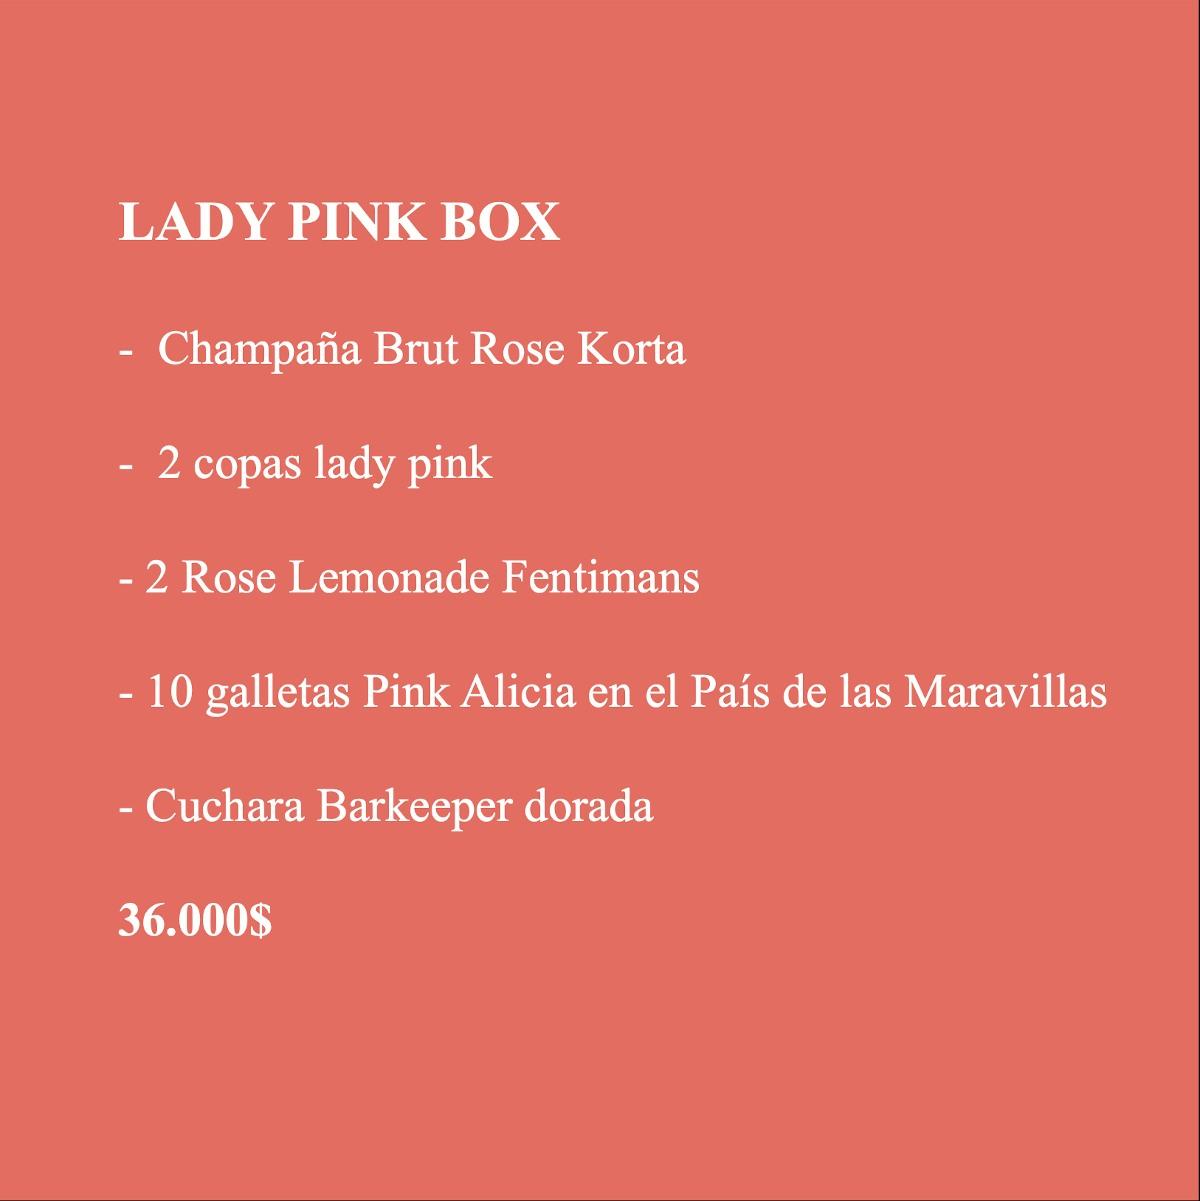 Lady Pink Box